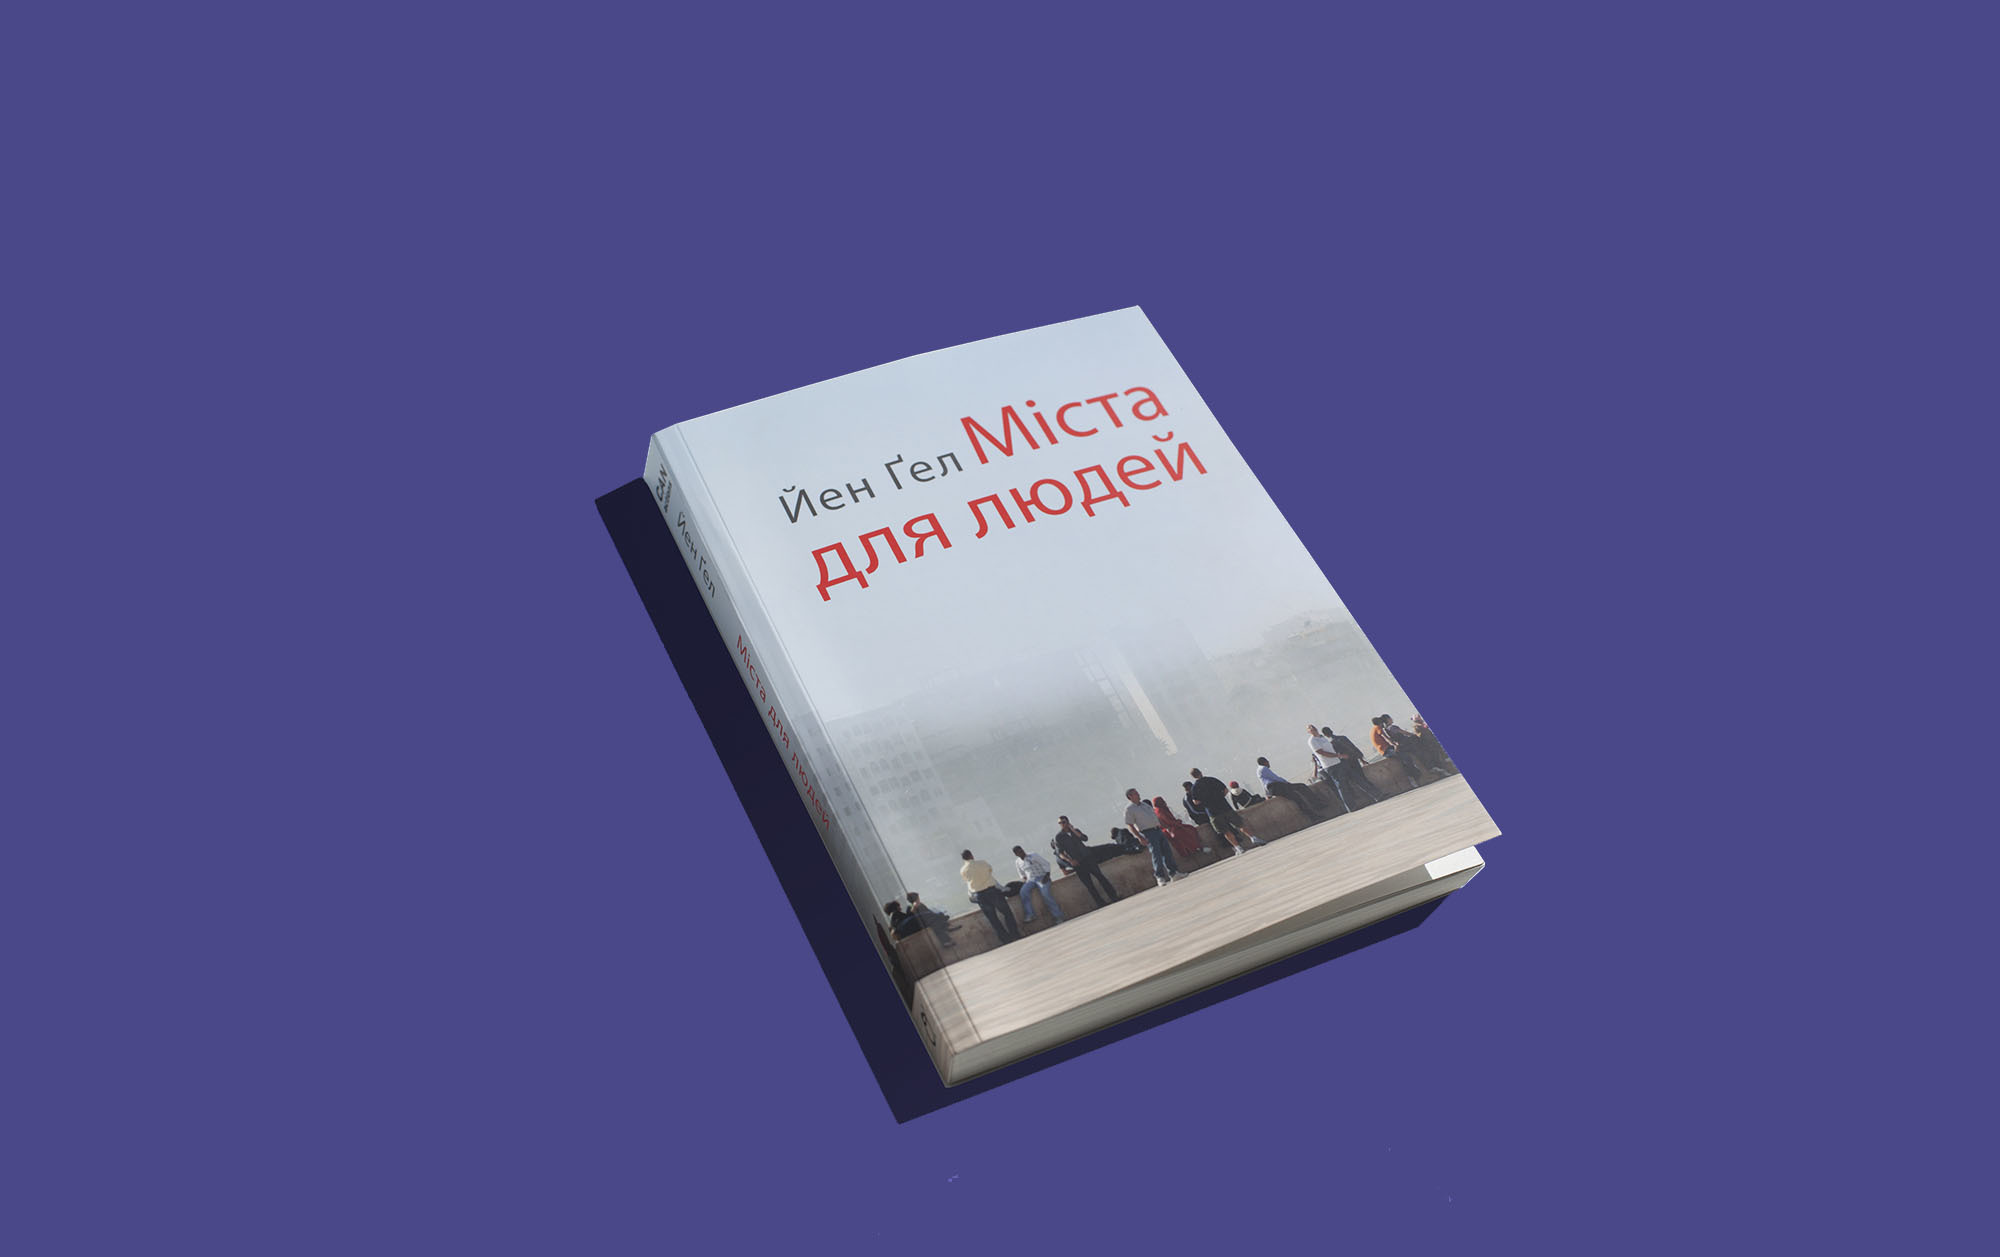 Як міста впливають на наш стиль життя та поведінку: уривок з книги «Міста для людей» Йена Ґела